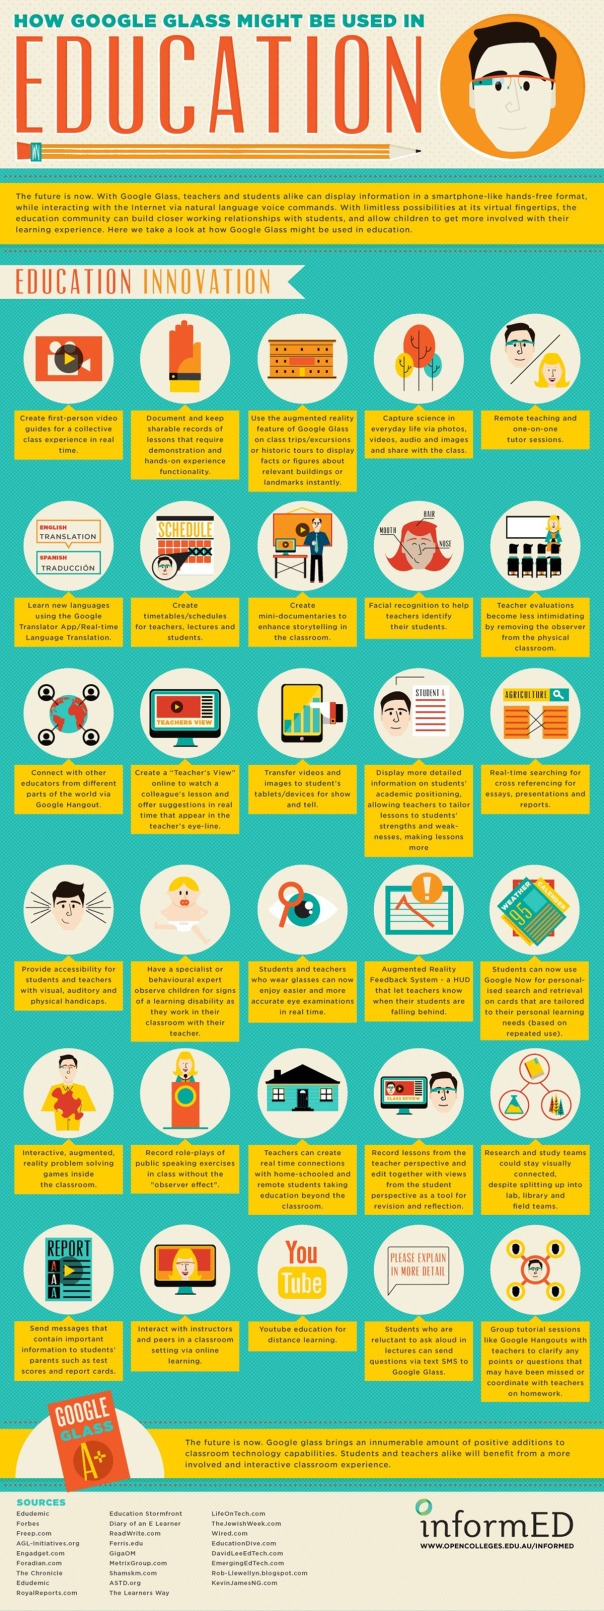 GoogleGlassEducationInfographic